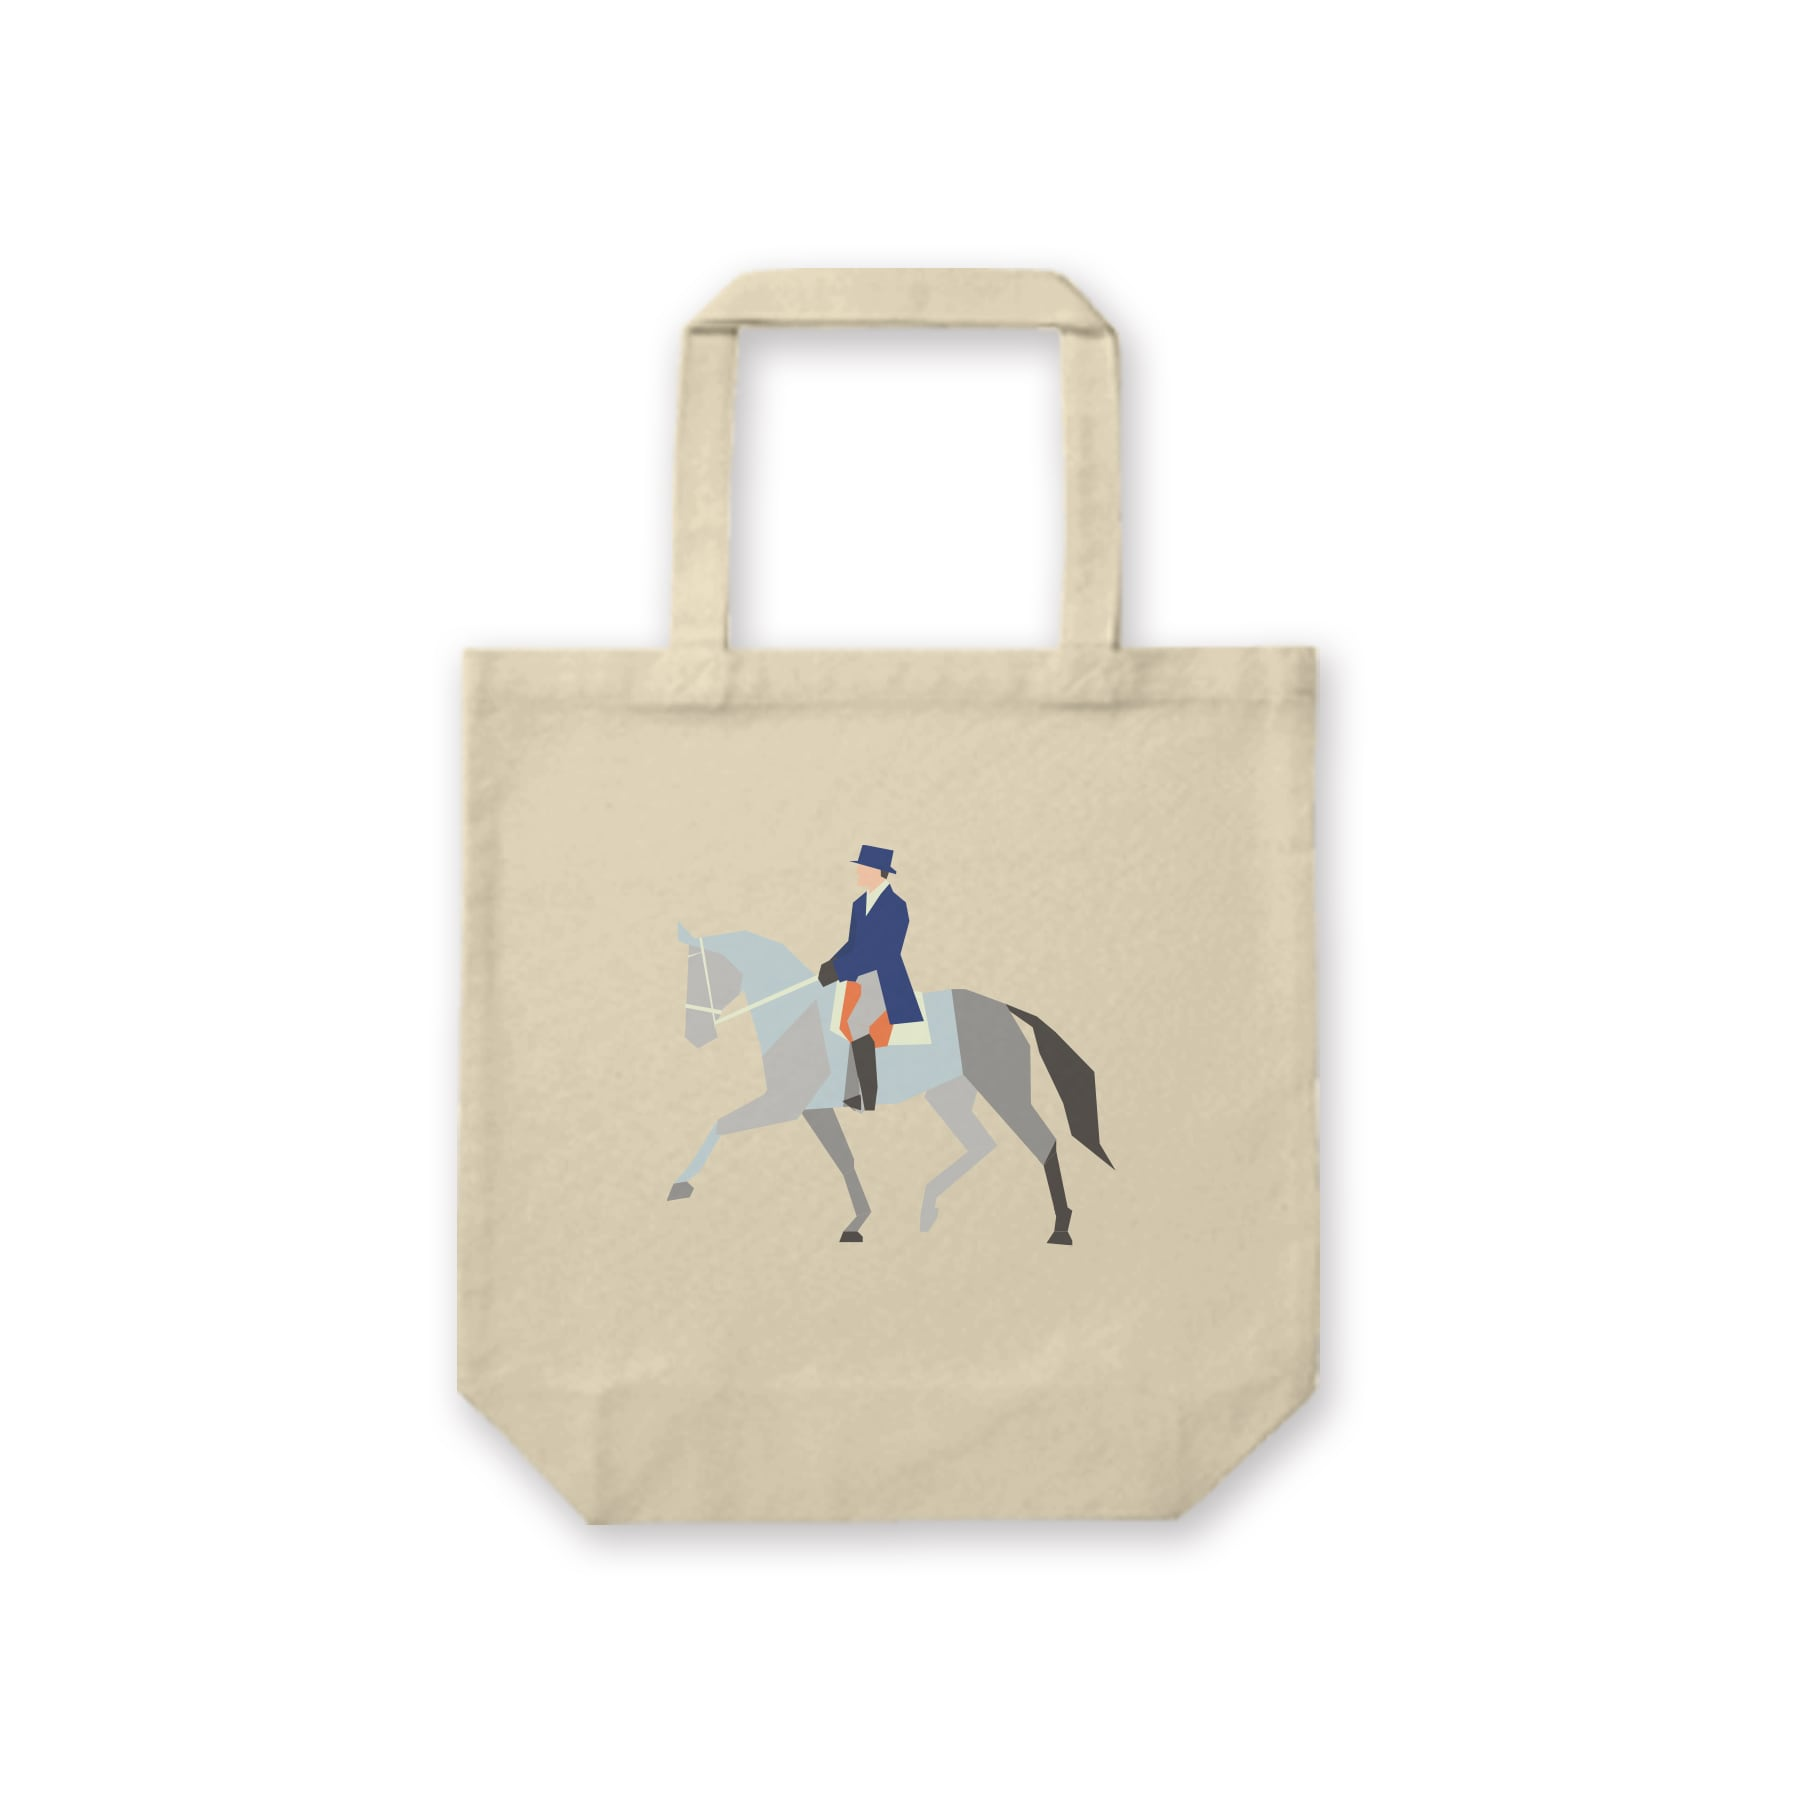 馬術トートバッグ-馬場馬術